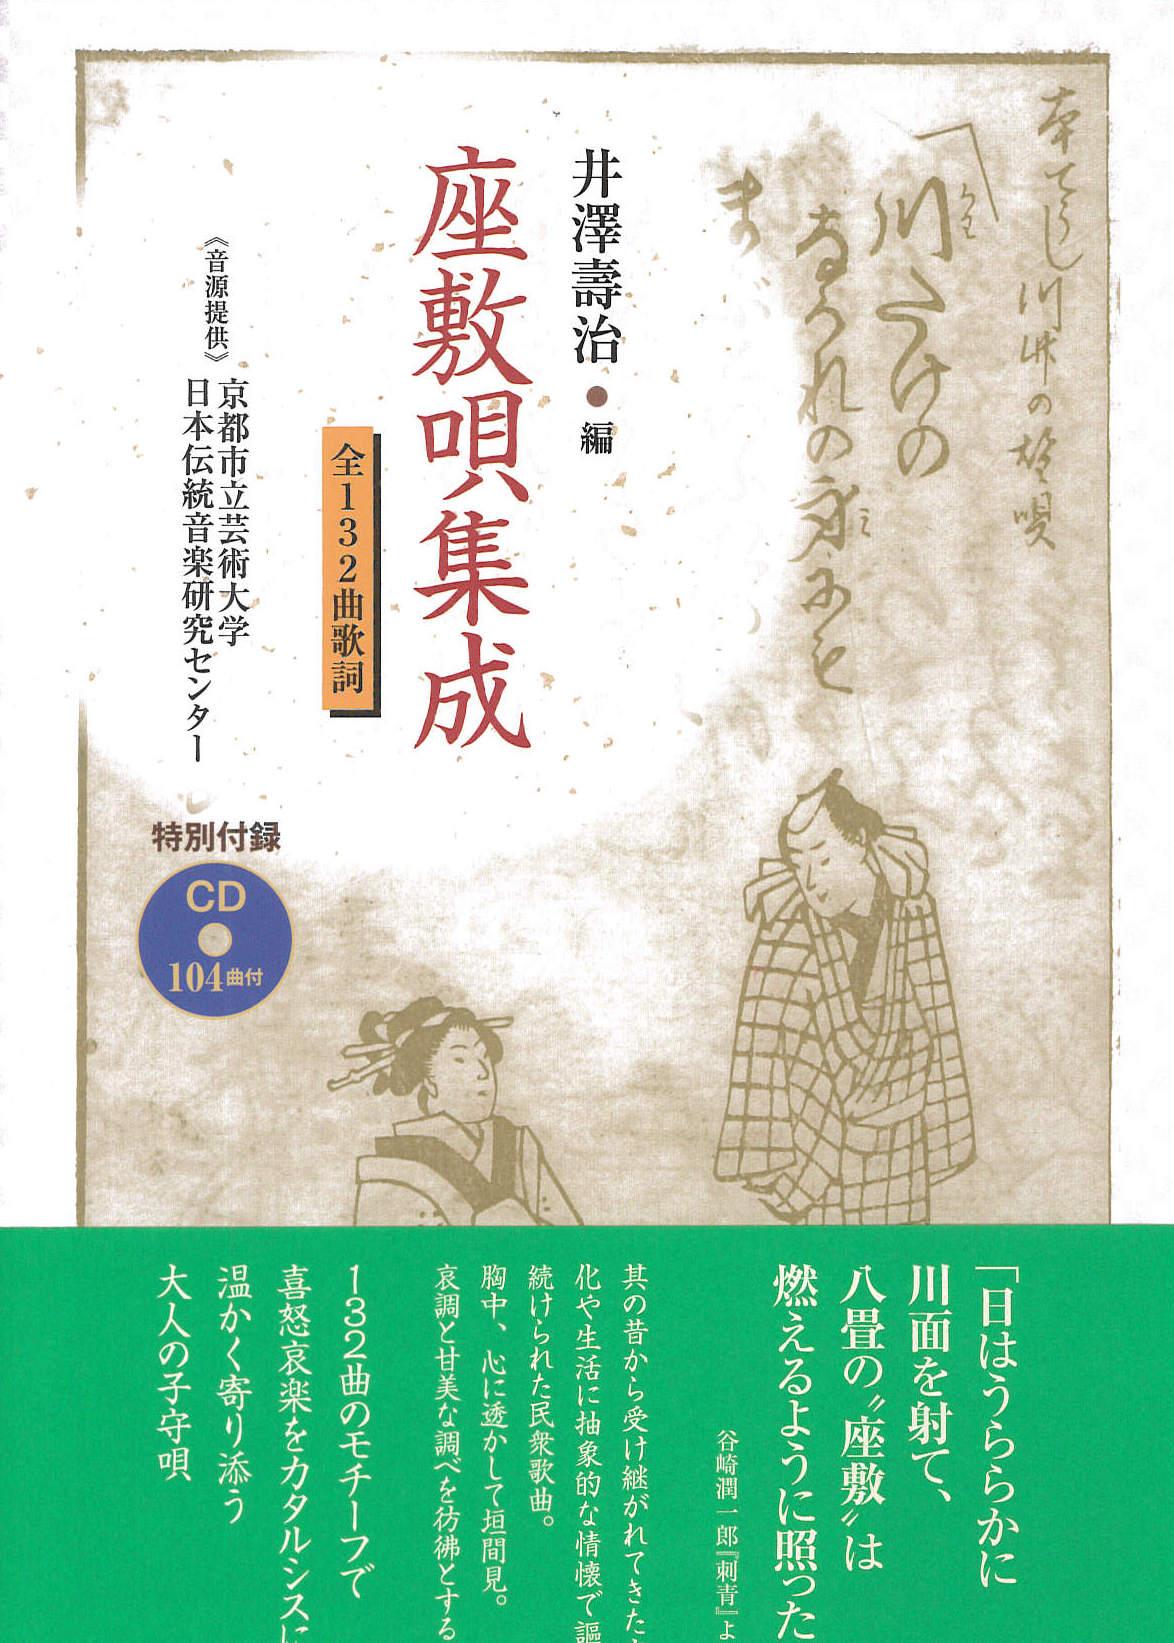 書籍+CD 座敷唄集成[5557]